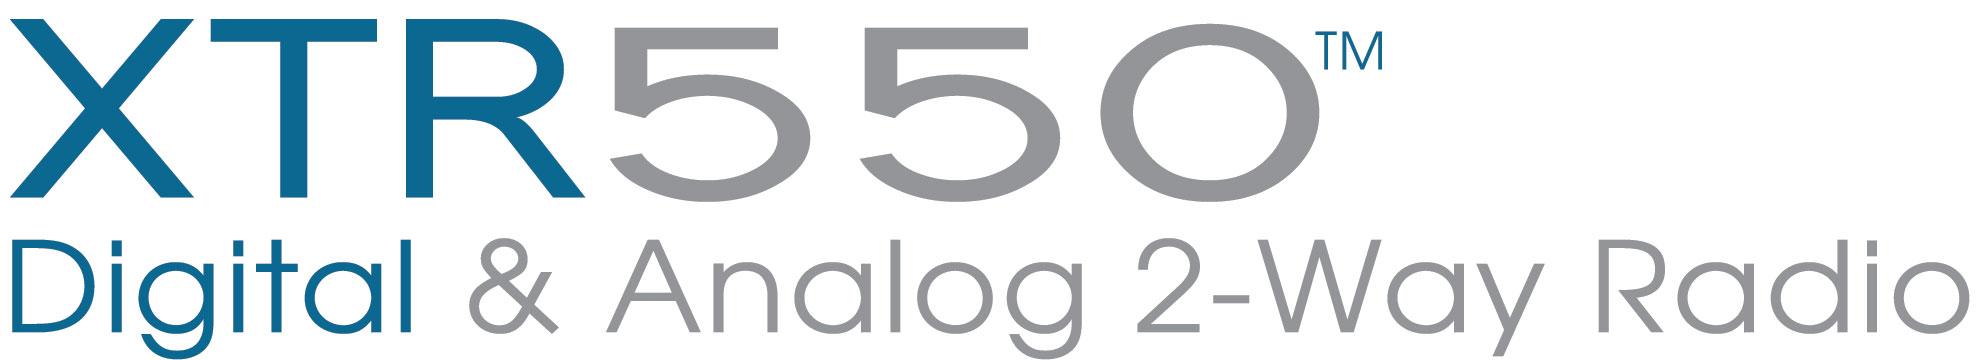 xtr550-logo.jpg